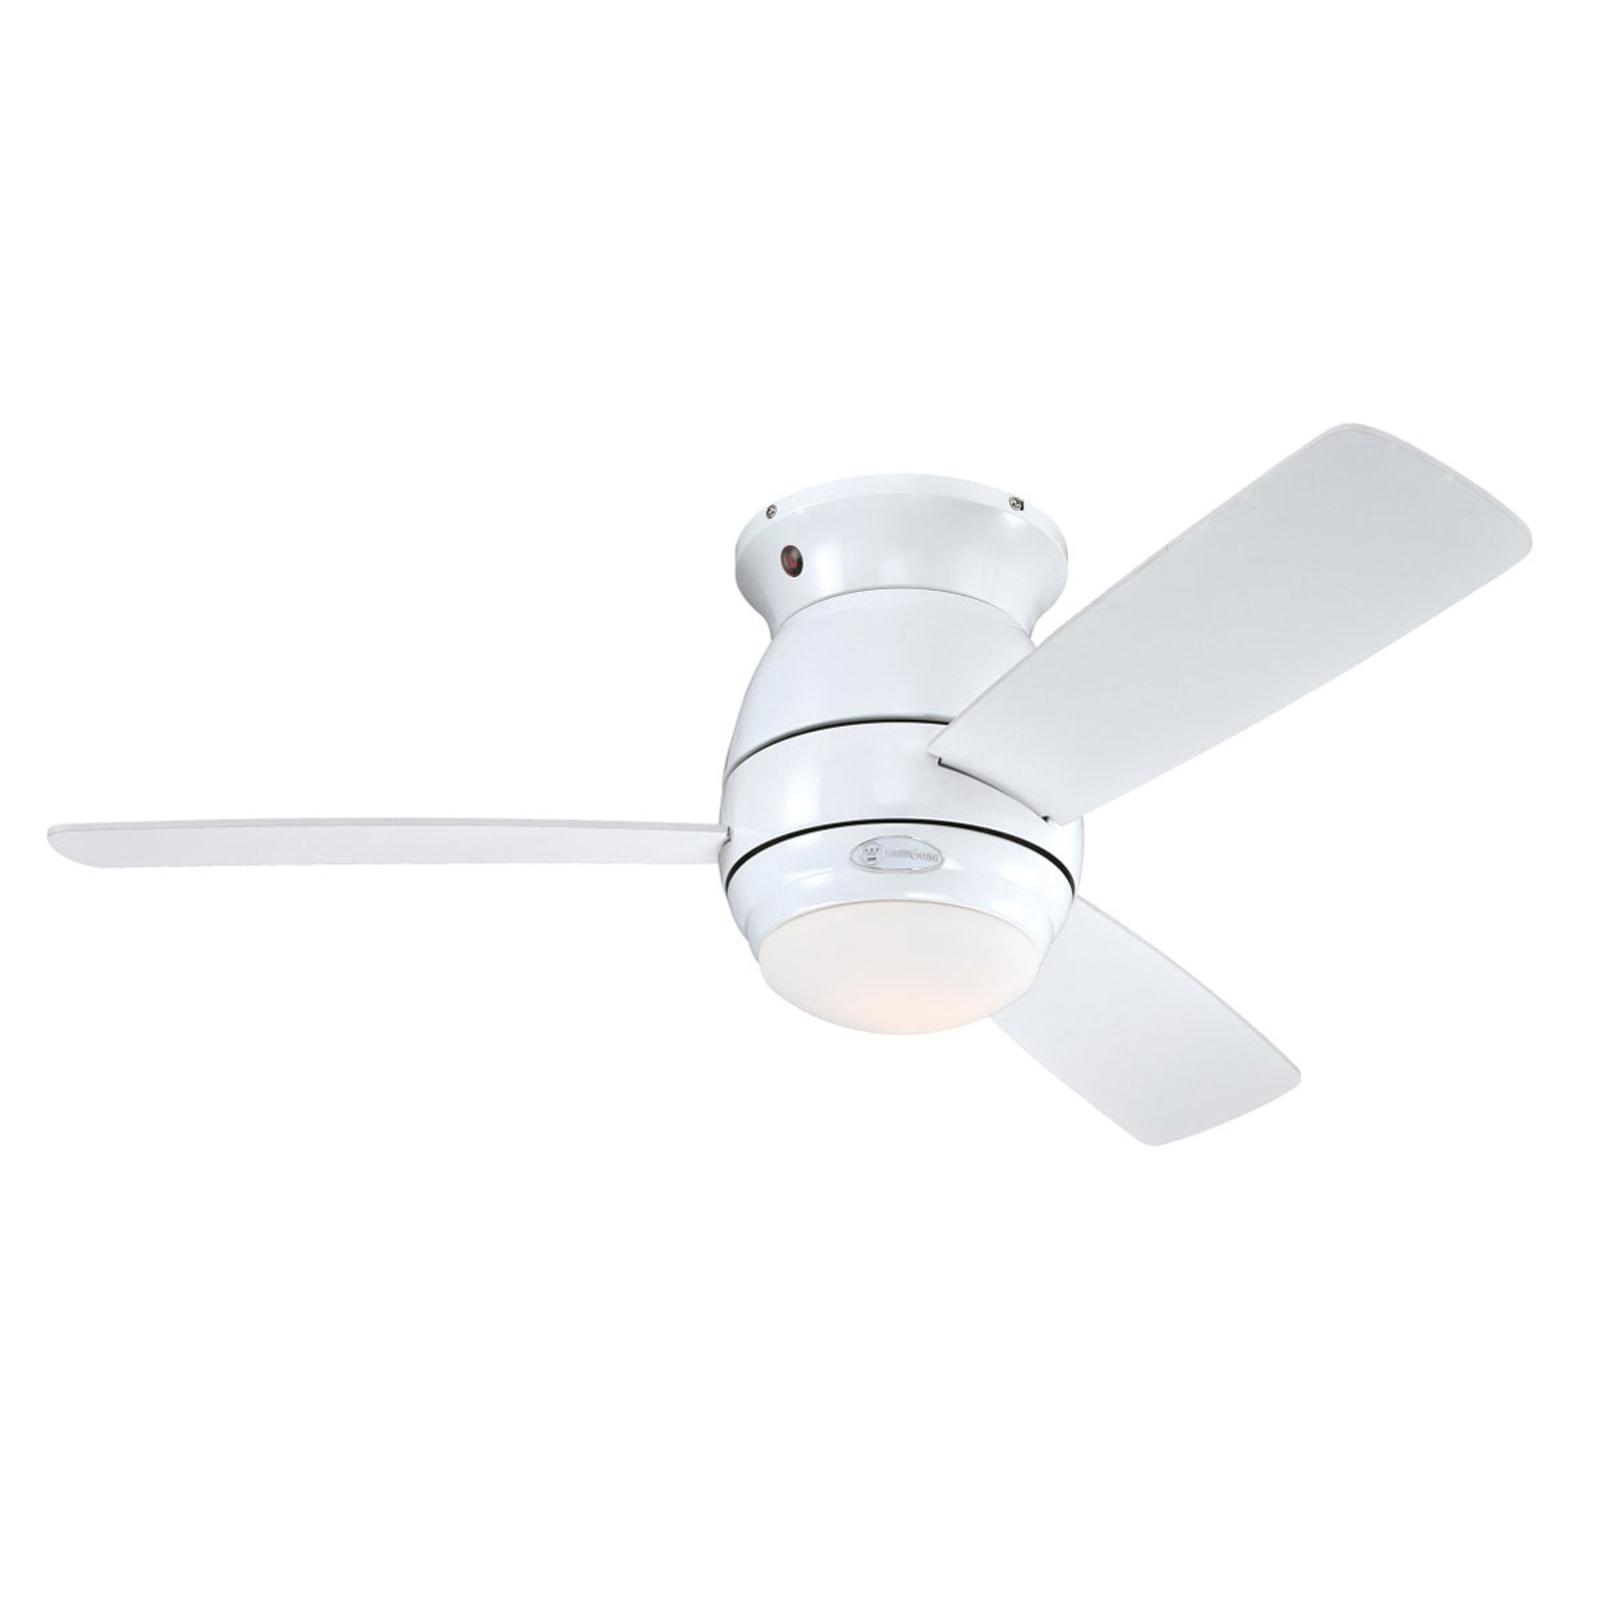 Westinghouse Halley Ventilator Vinge hvid/ahorn